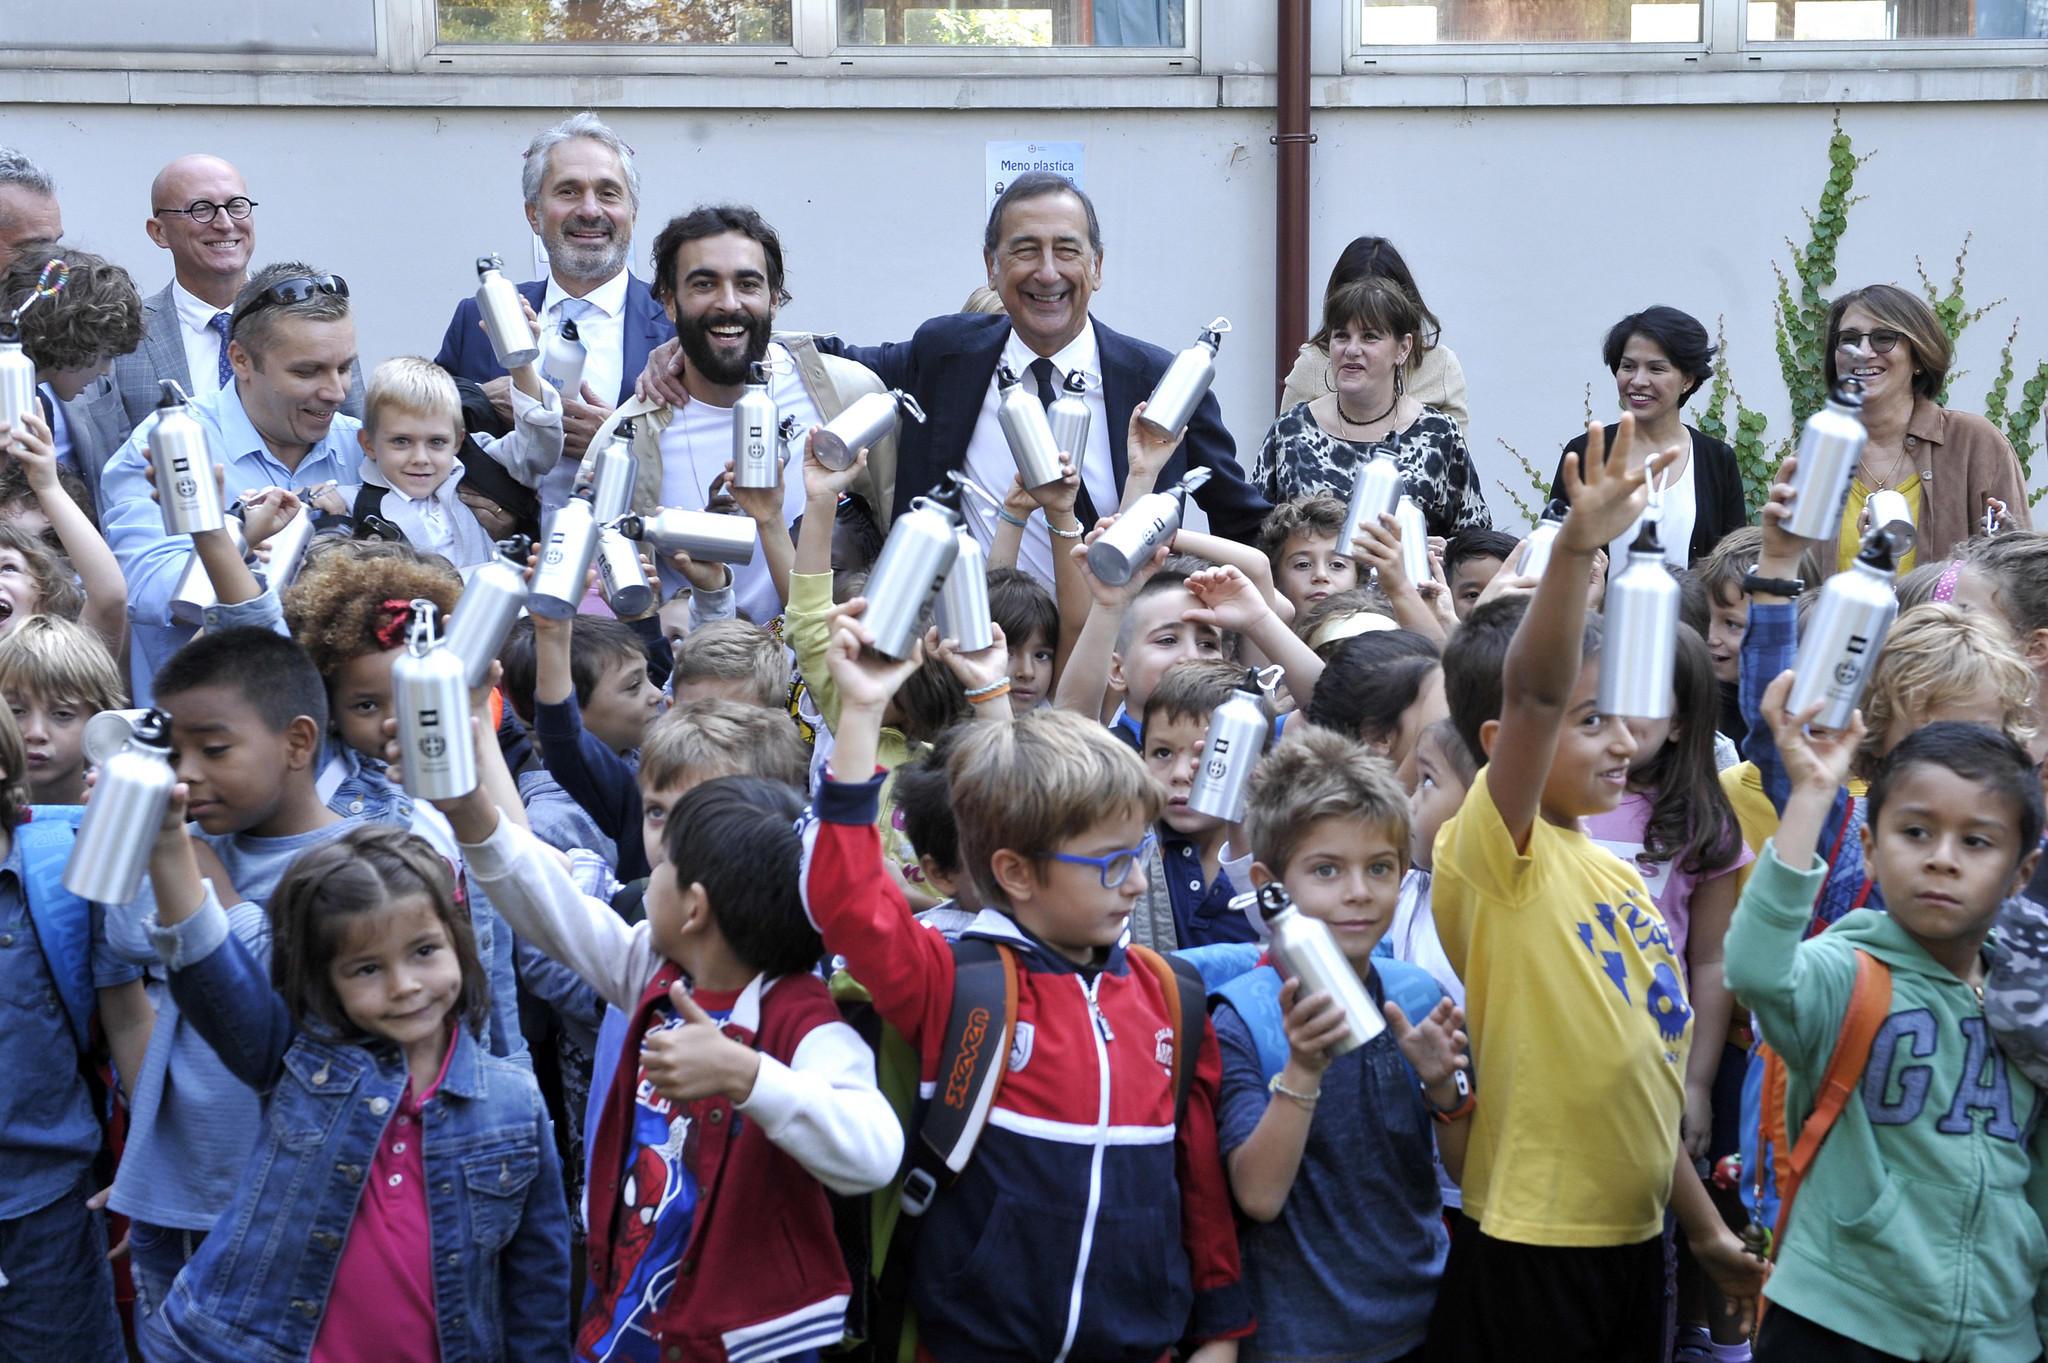 Milano, il ritorno a scuola è senza plastica: Marco Mengoni e il sindaco Sala distribuiscono le borracce